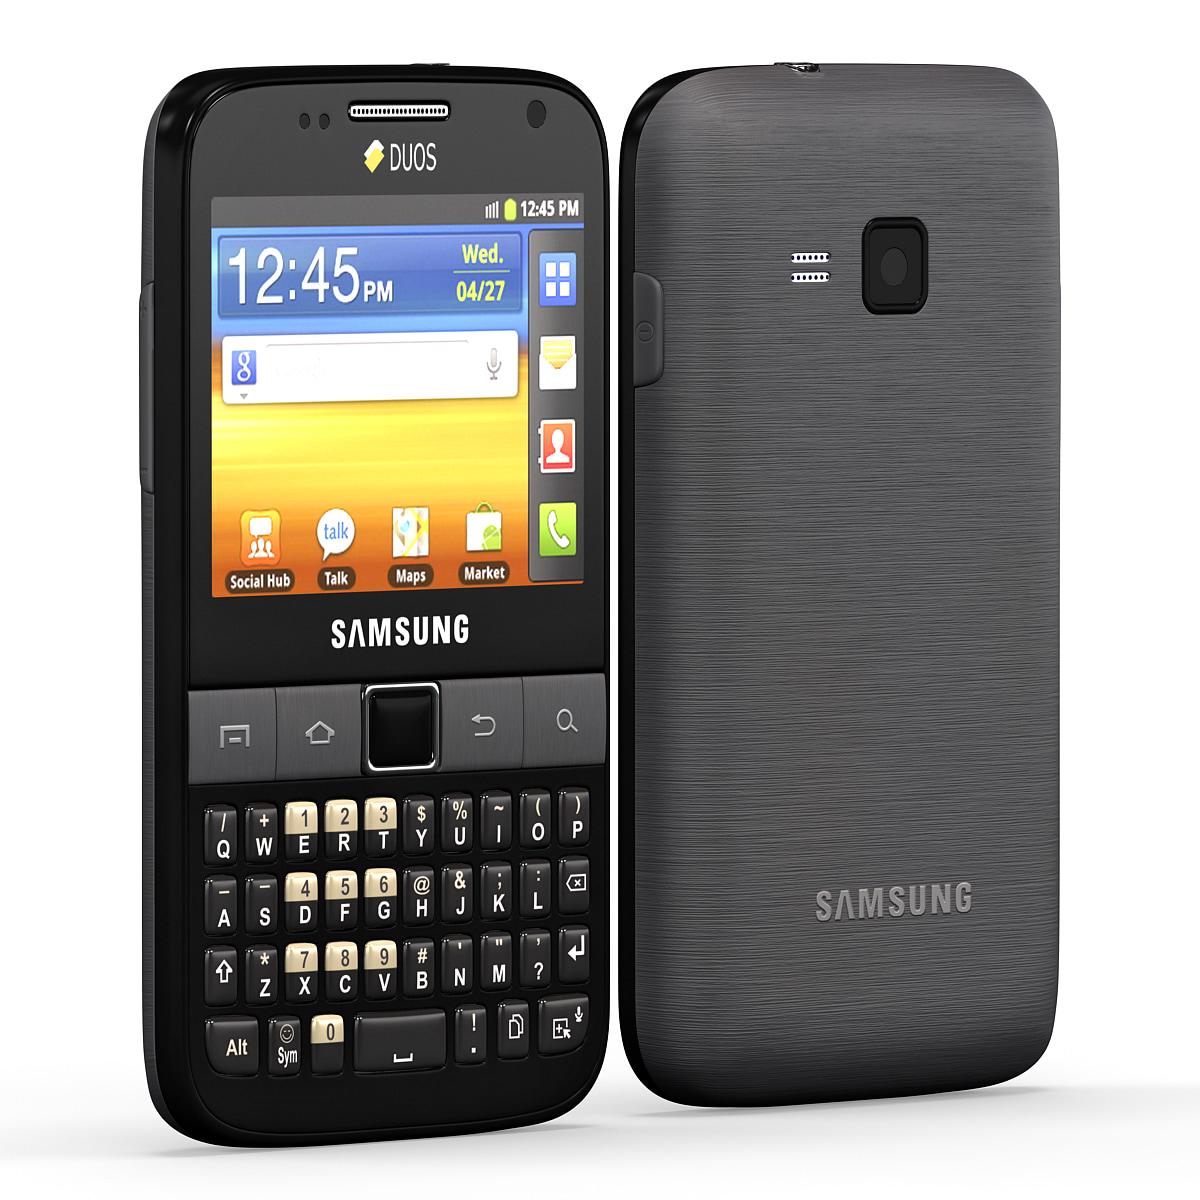 Samsung_Galaxy_Y_Pro_Duos_001.jpg